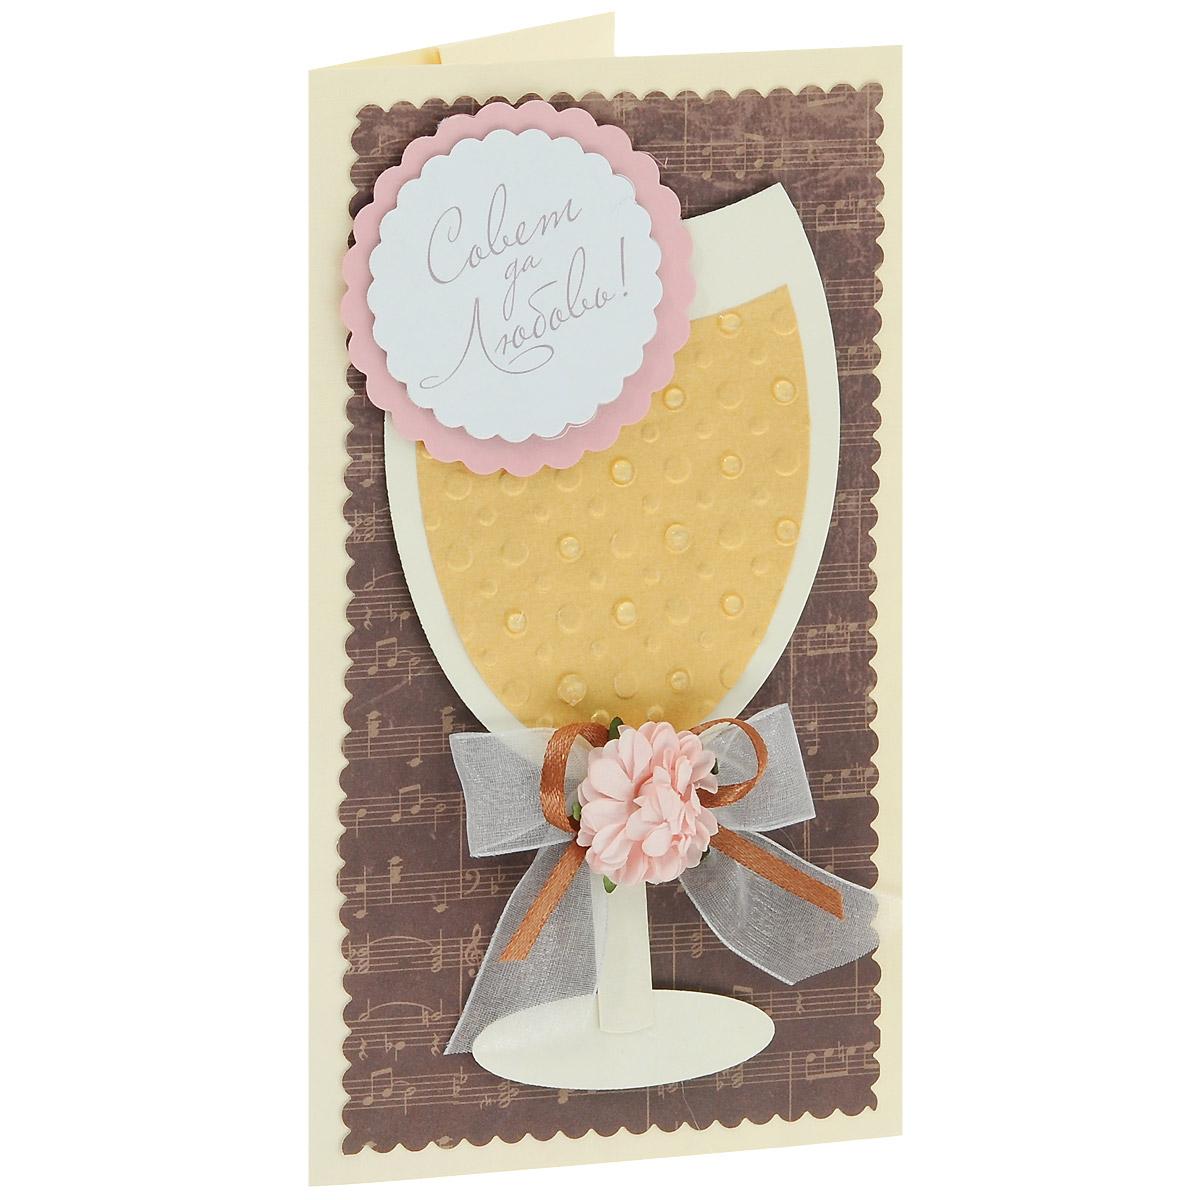 ОСВ-0007 Открытка-конверт «Совет да Любовь!» (бокал). Студия «Тётя Роза»94536Характеристики: Размер 19 см x 11 см.Материал: Высоко-художественный картон, бумага, декор. Данная открытка может стать как прекрасным дополнением к вашему подарку, так и самостоятельным подарком. Так как открытка является и конвертом, в который вы можете вложить ваш денежный подарок или просто написать ваши пожелания на вкладыше. В основе композиционного решения этого свадебного поздравления лежит идея веселого праздничного застолья с большими бокалами наполненными до краёв янтарными напитками. Музыка, цветы и пышные ленты, использованные в дизайне этого конверта, - все это атрибуты праздника, который надолго остается в наших воспоминаниях. Также открытка упакована в пакетик для сохранности.Обращаем Ваше внимание на то, что открытка может незначительно отличаться от представленной на фото. Открытки ручной работы от студии Тётя Роза отличаются своим неповторимым и ярким стилем. Каждая уникальна и выполнена вручную мастерами студии. (Открытка для мужчин, открытка для женщины, открытка на день рождения, открытка с днем свадьбы, открытка винтаж, открытка с юбилеем, открытка на все случаи, скрапбукинг)